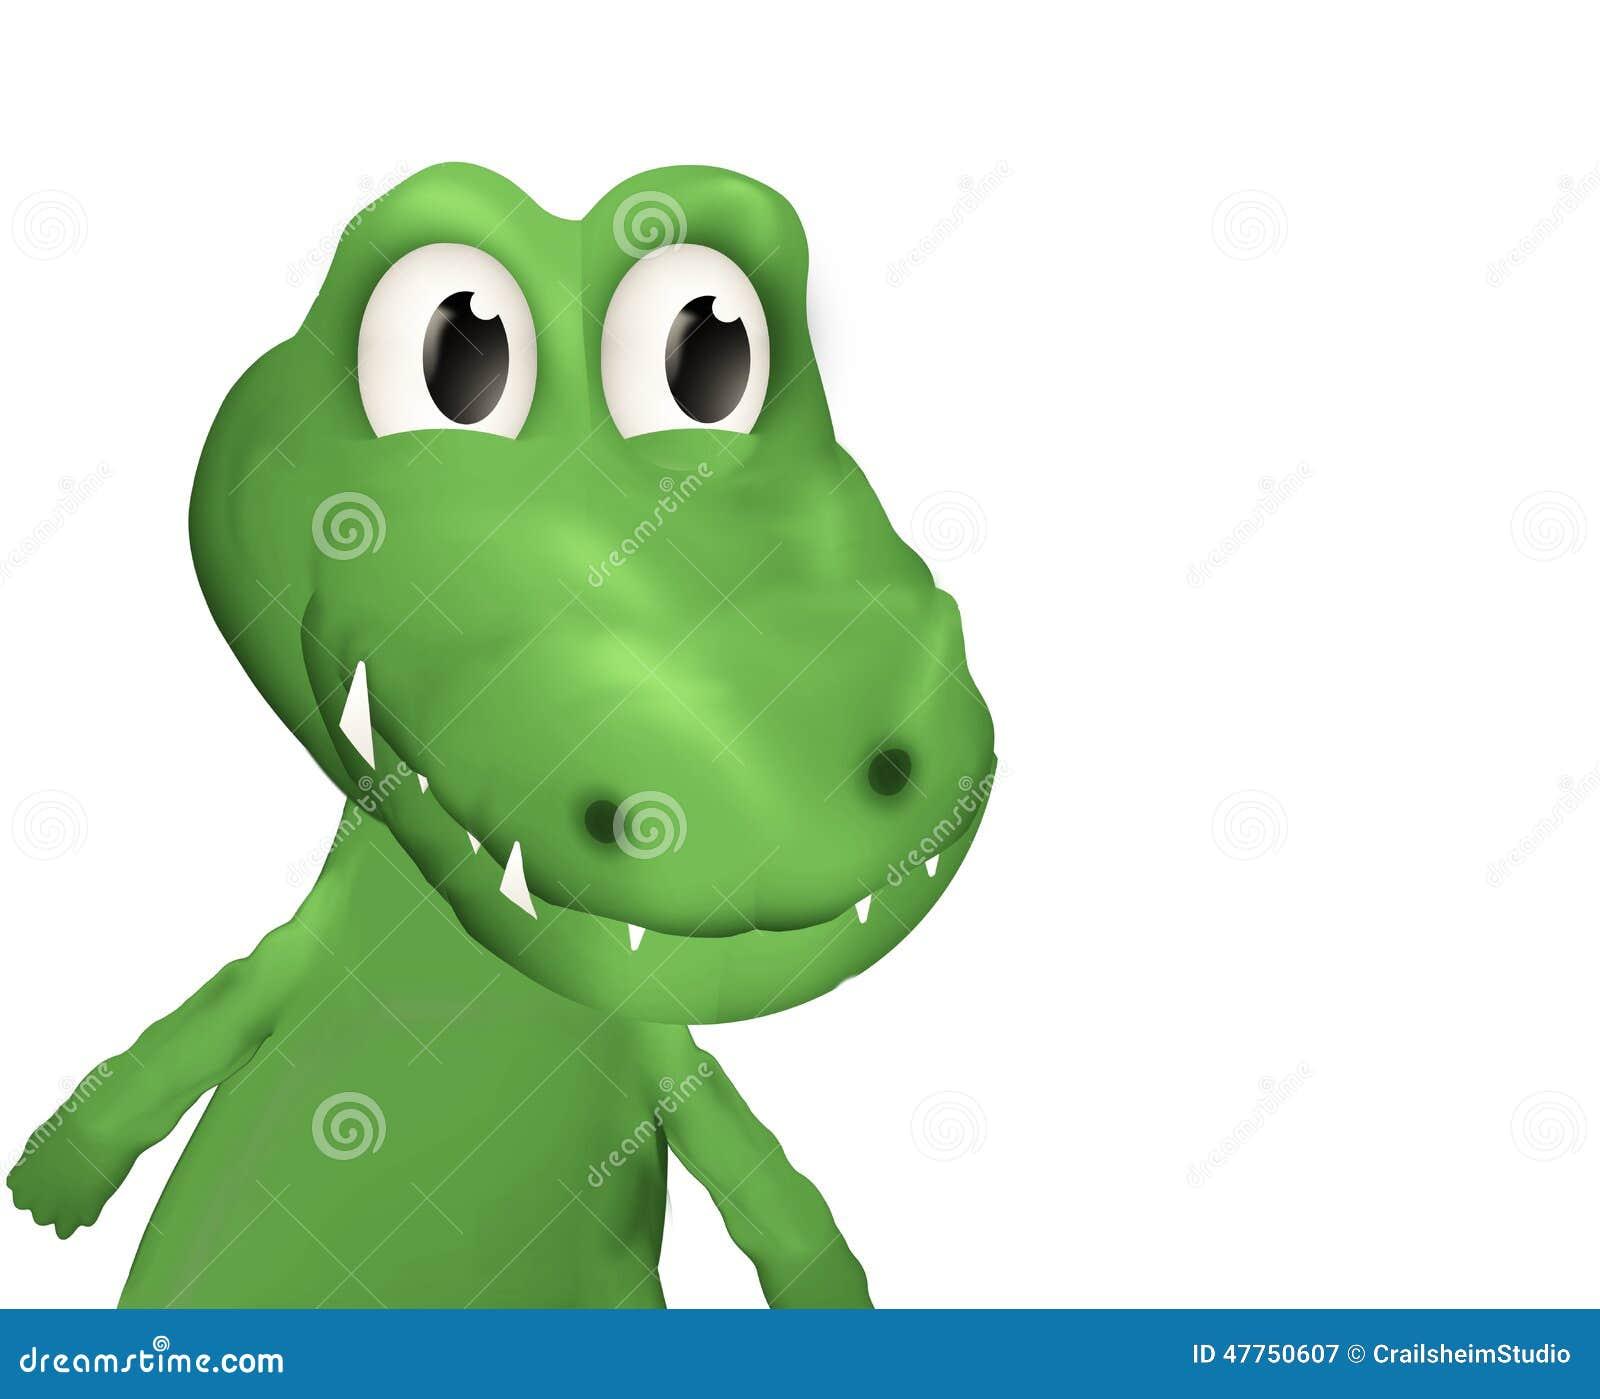 Crocodile stock illustration. Image of nostrils, eyes ... - photo#41